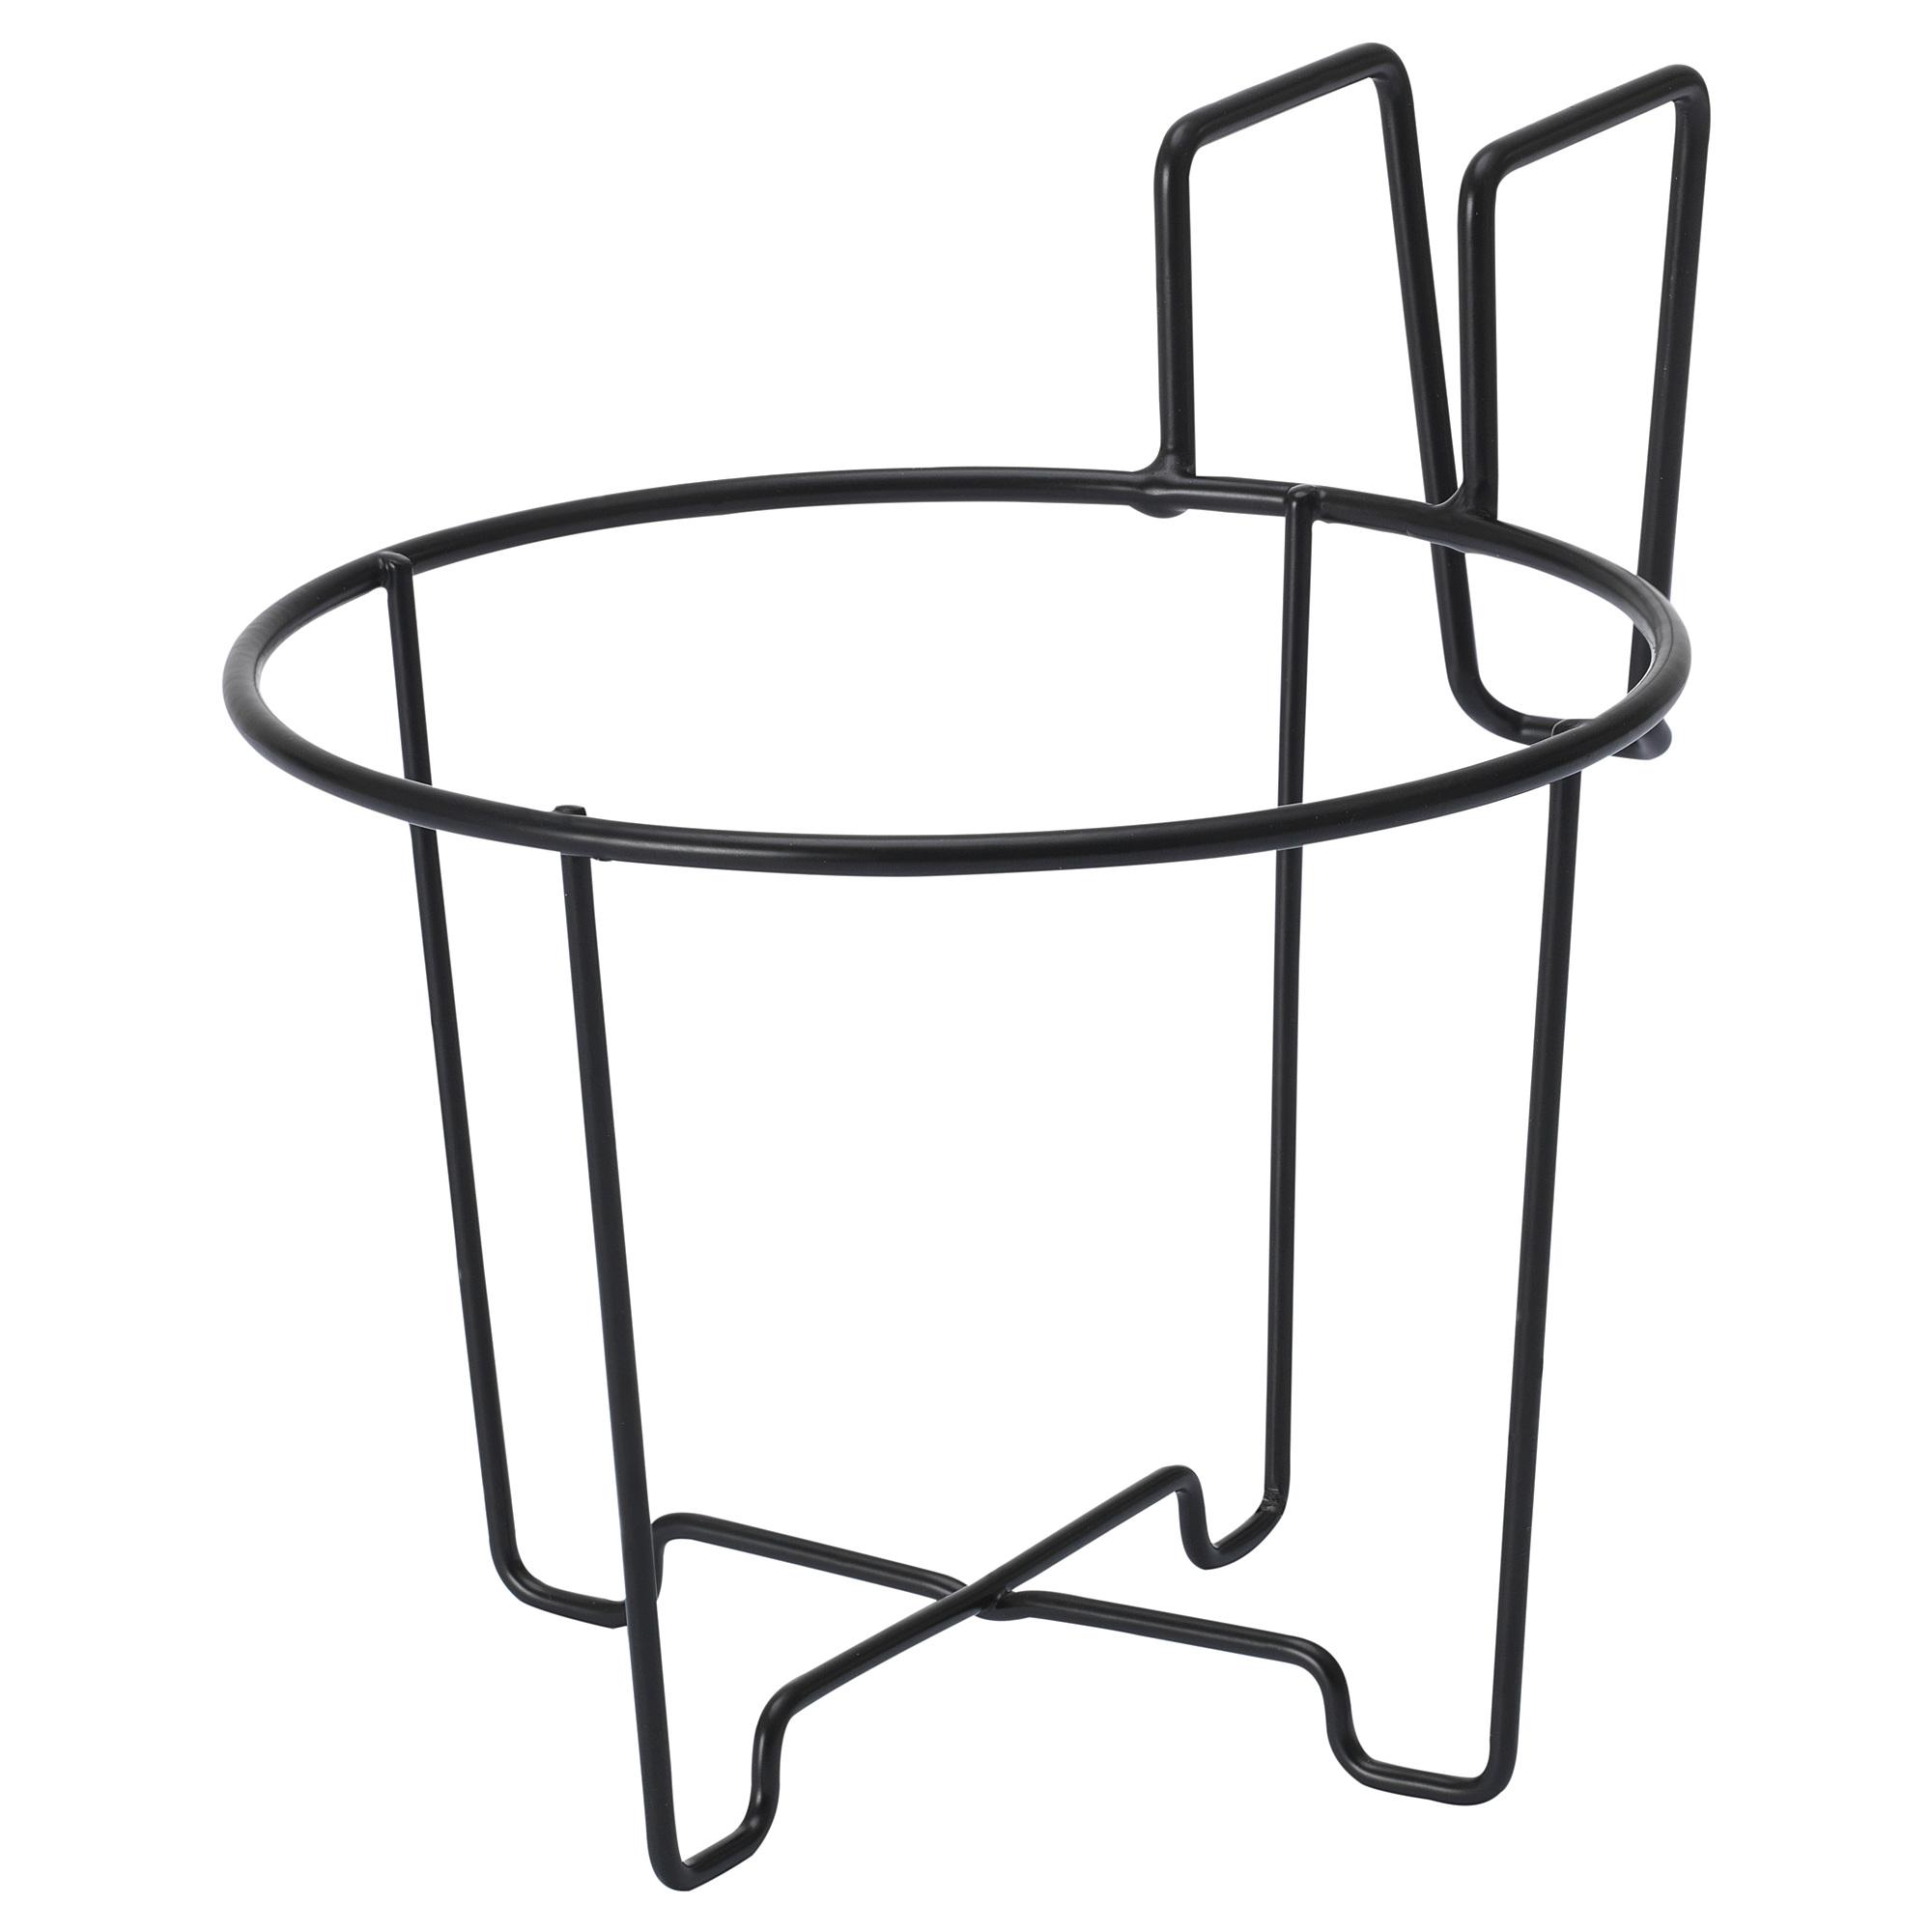 Держатель для кашпо СОММАР 2018 черный артикуль № 103.906.83 в наличии. Интернет магазин IKEA Беларусь. Быстрая доставка и соборка.